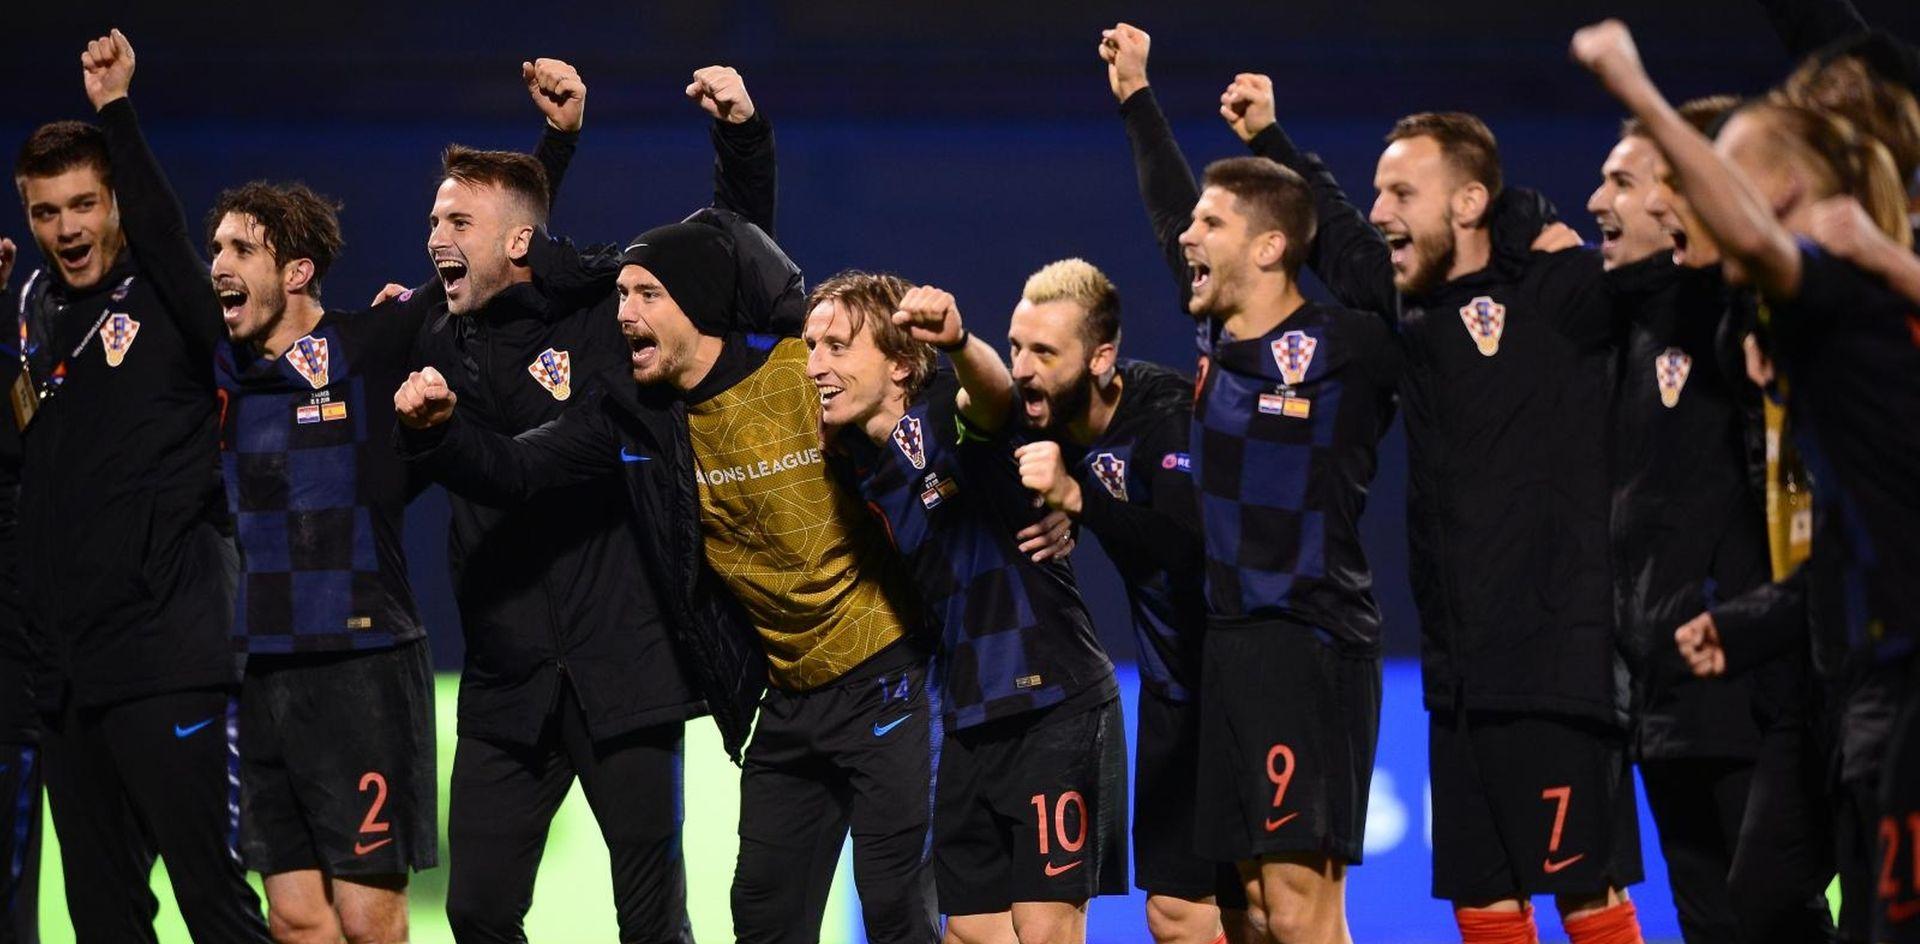 FIFA LJESTVICA Hrvatska ostala na četvrtom mjestu, Belgija prva